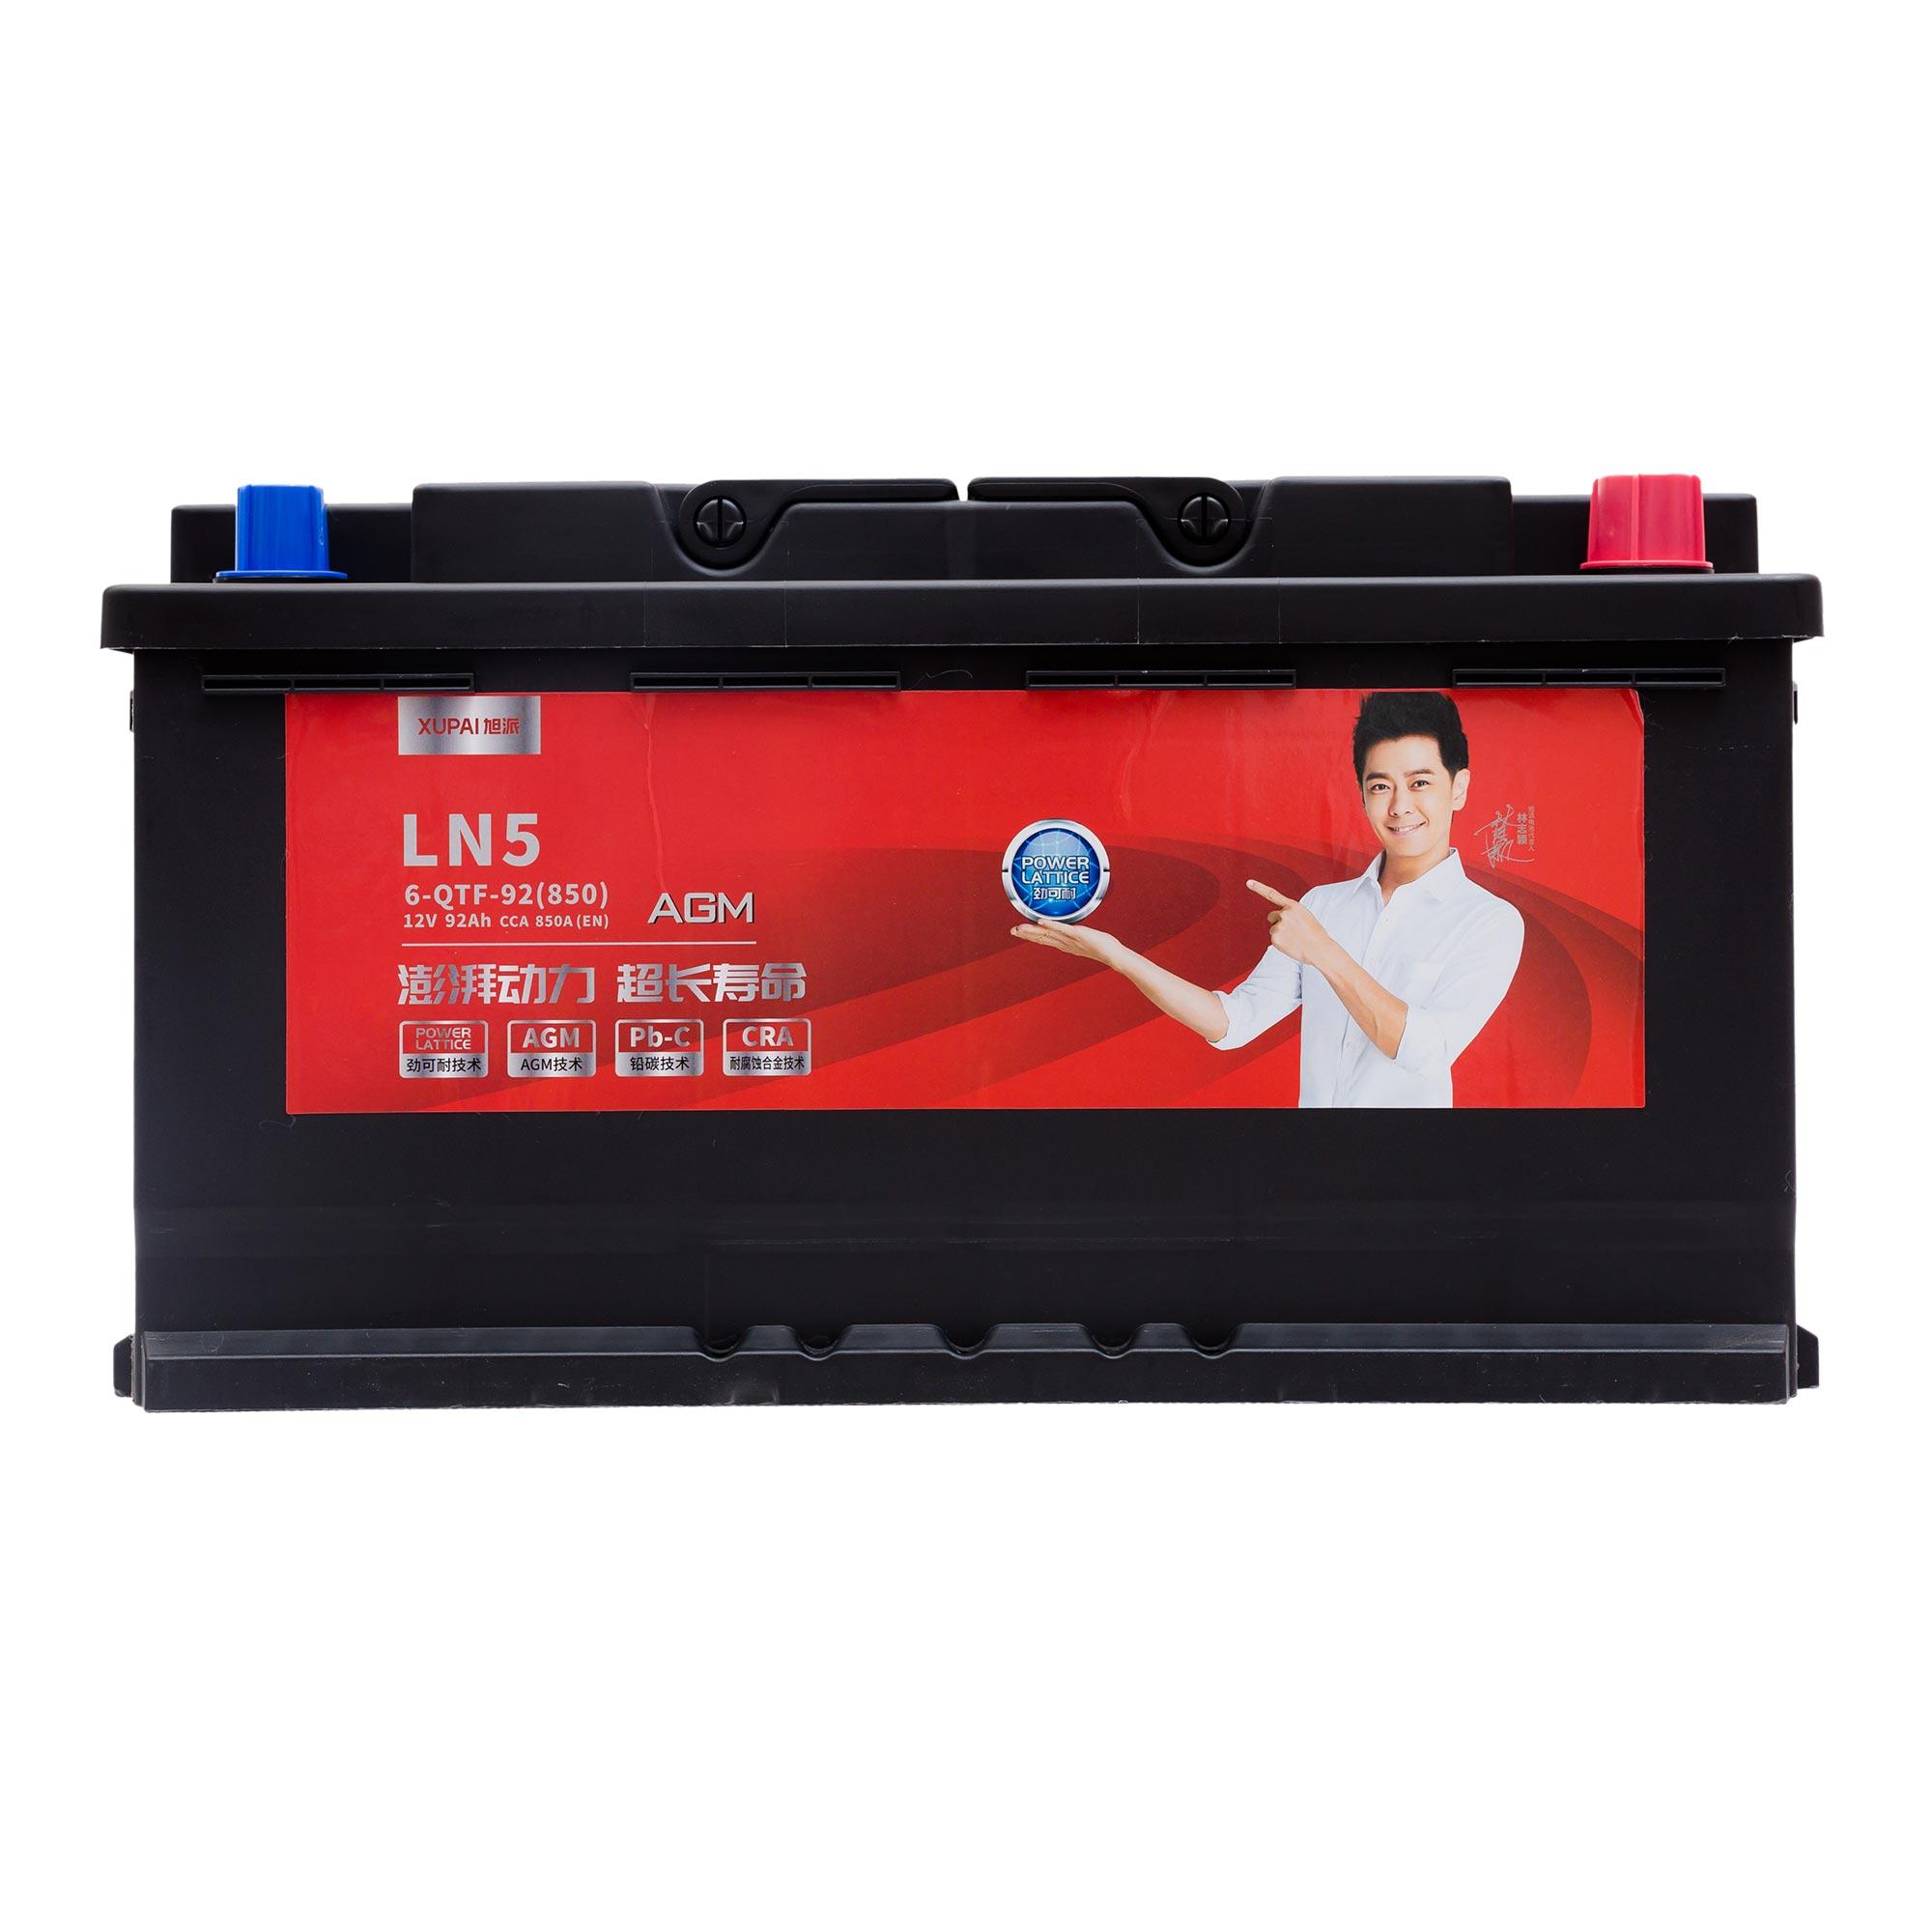 旭派6-QTF-92-LN5长寿命汽车启停电池